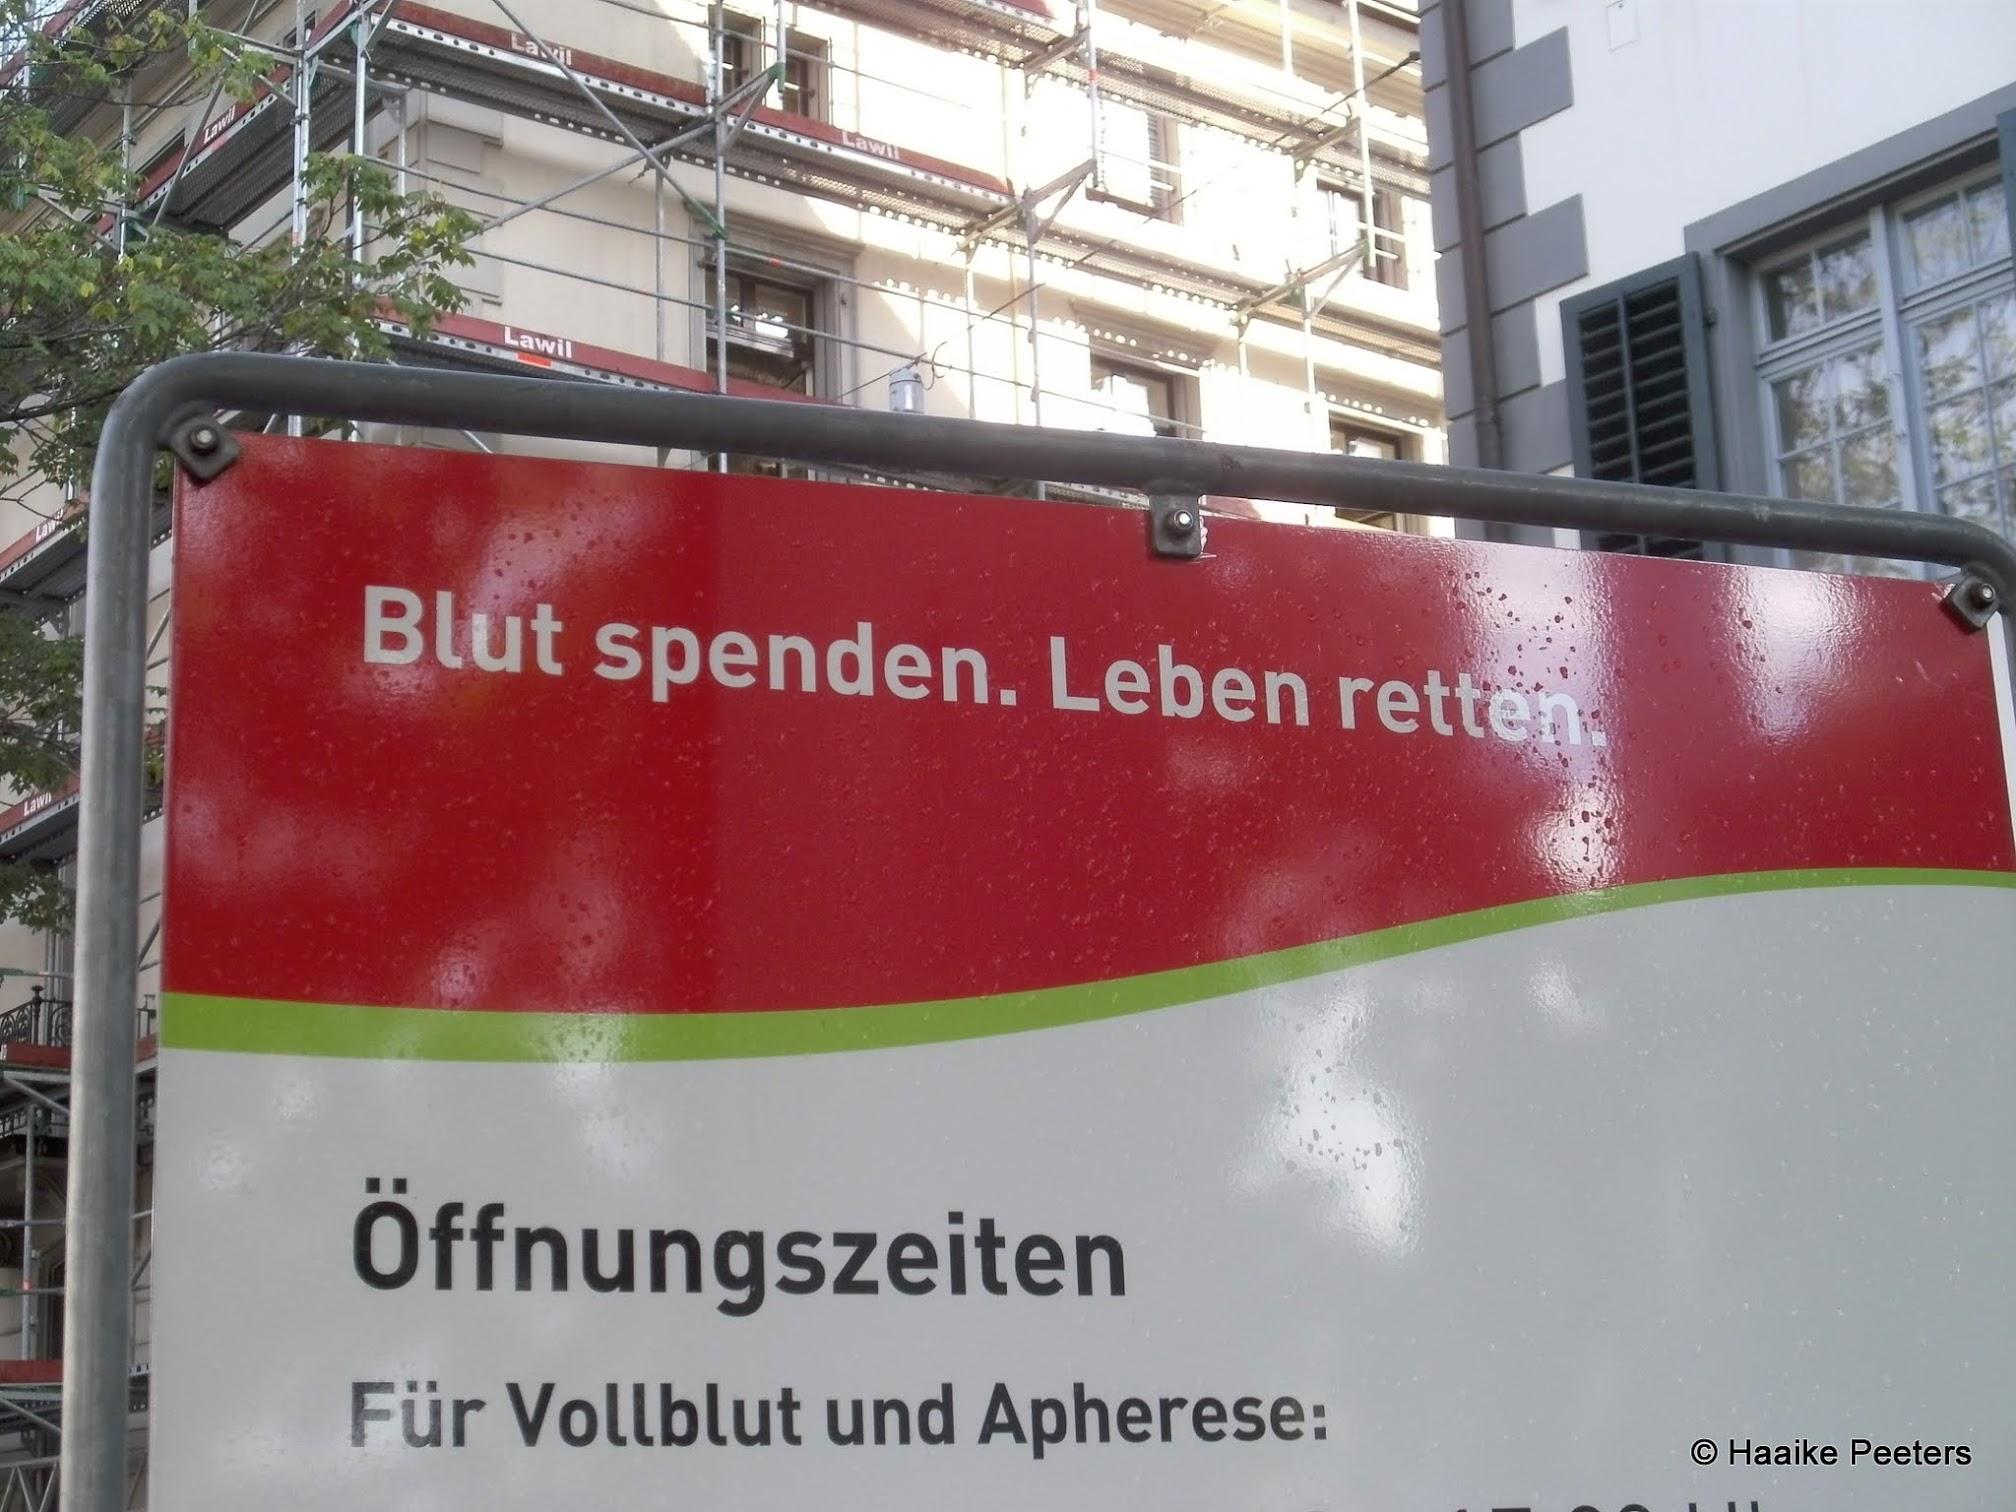 Blutspendezentrum Zürich (Le petit requin)